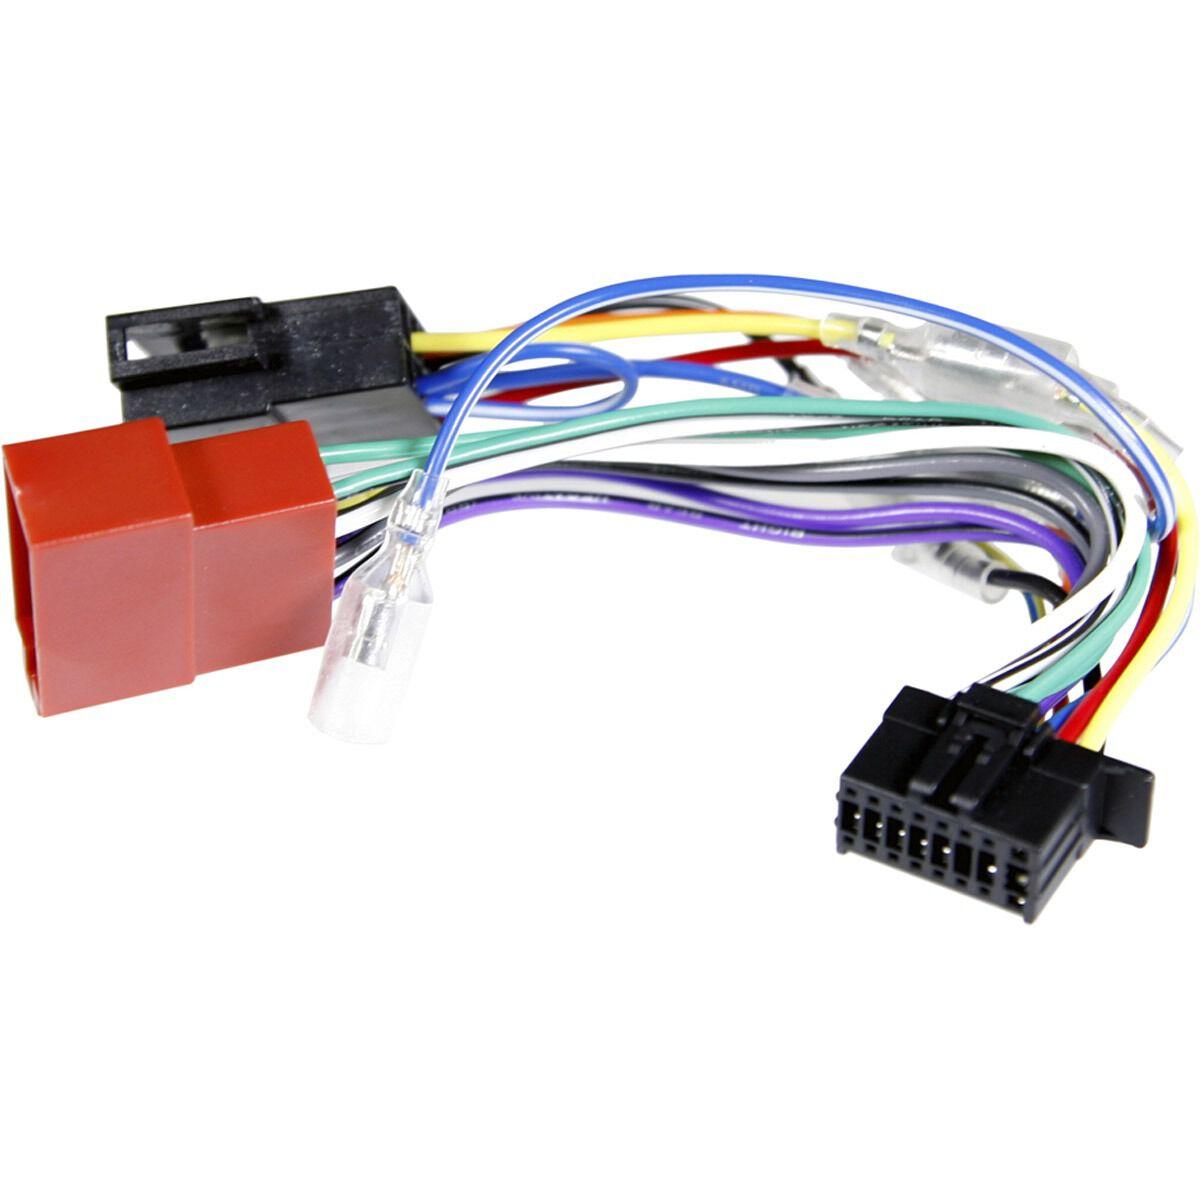 hight resolution of wiring jvc diagram kdsr81bt